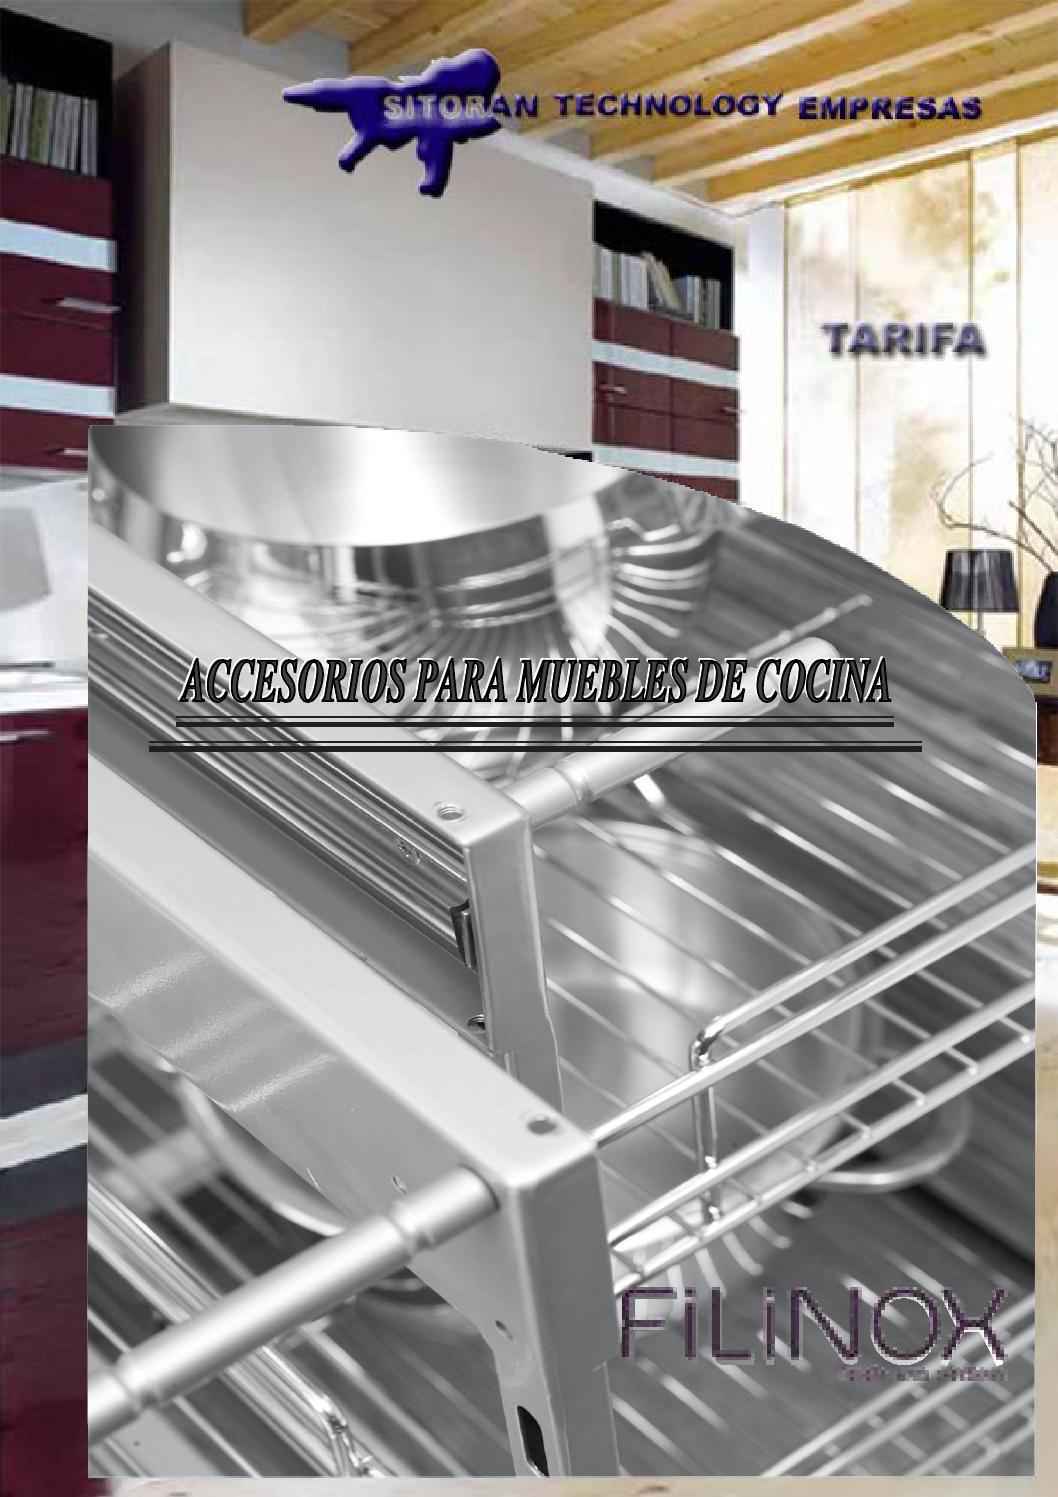 Tarifa accesorios para muebles de cocina 2014 by sitoran for Muebles para pub